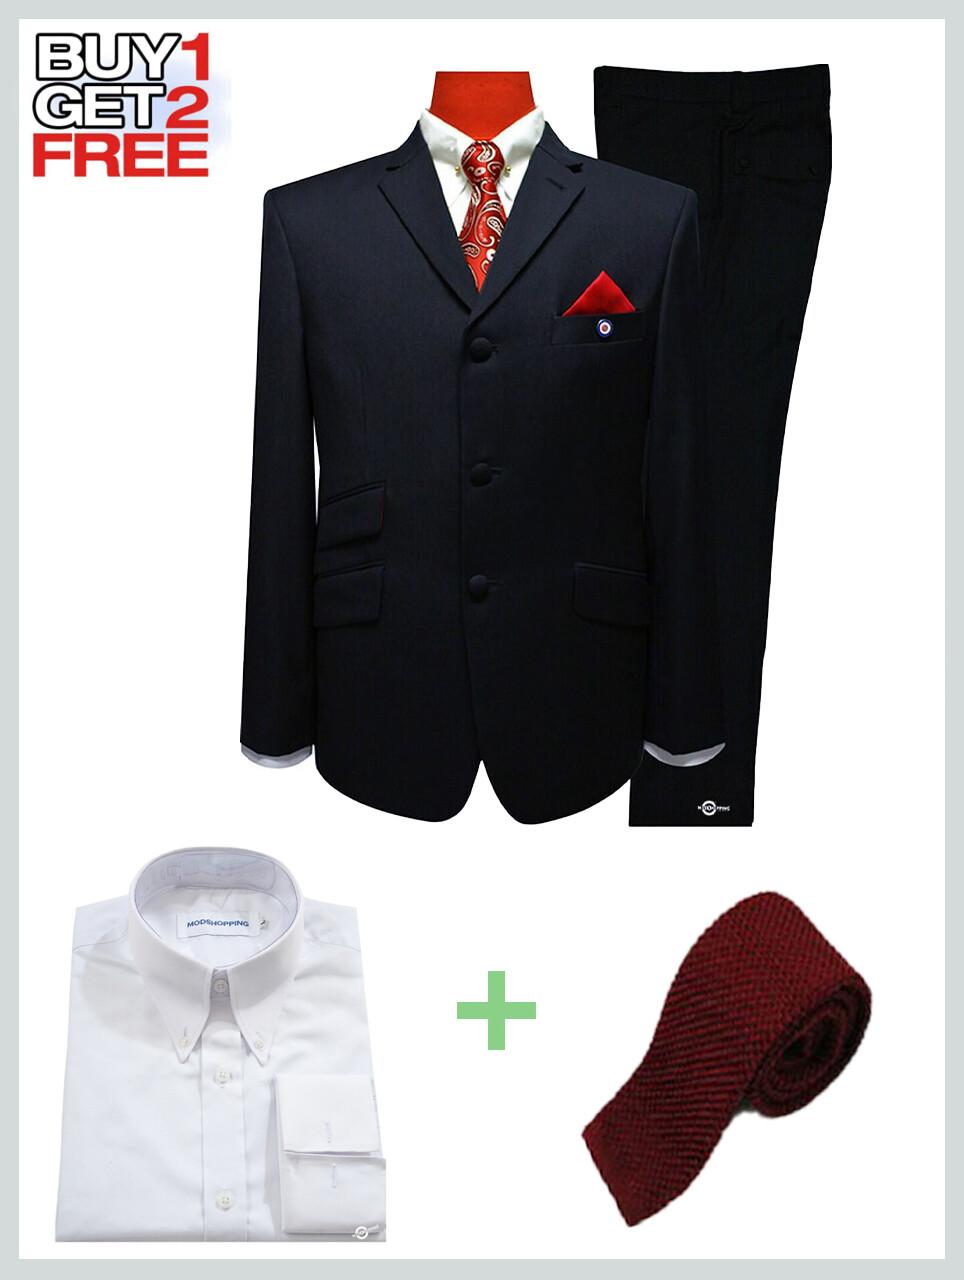 Suit Package | Tailored 3 Button Black Mod Suit For Men.